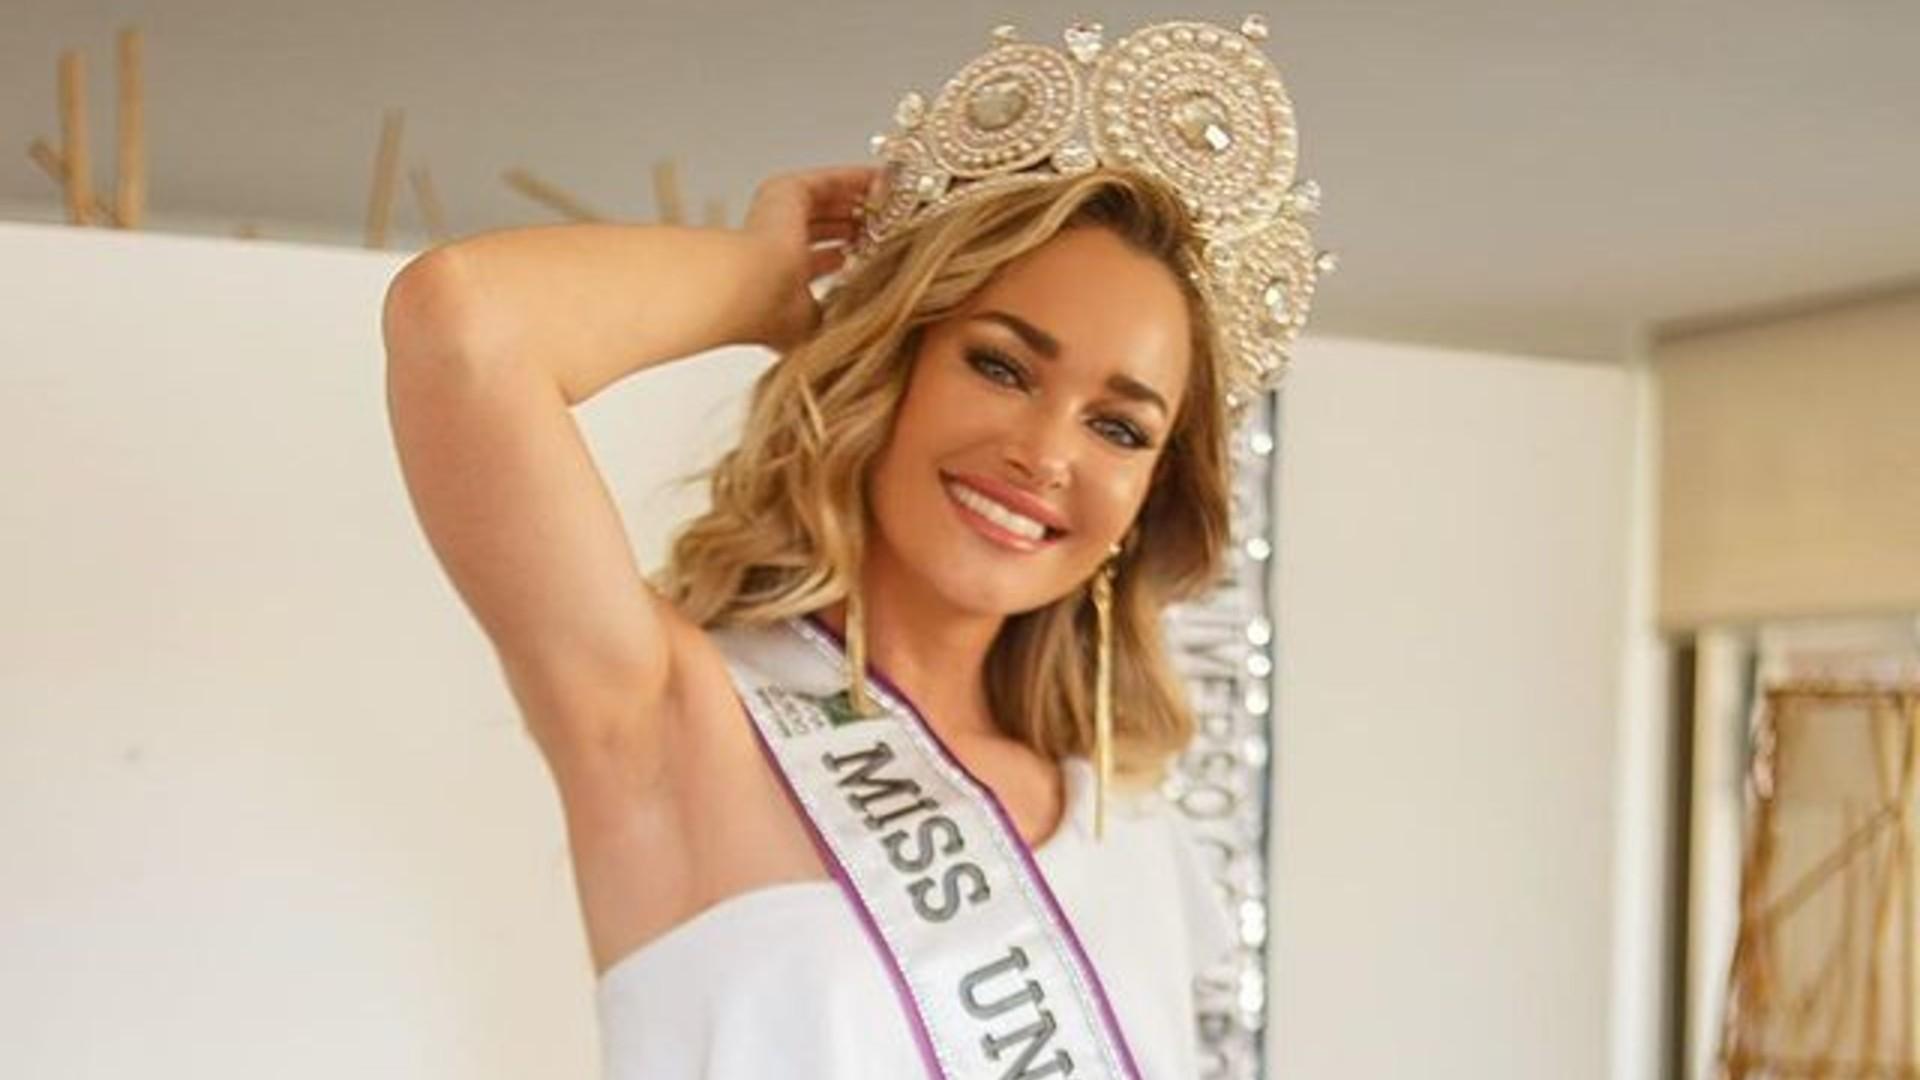 210210_4310329_Conoce_a_Daniela_Nicolas__Miss_Universe_Chil